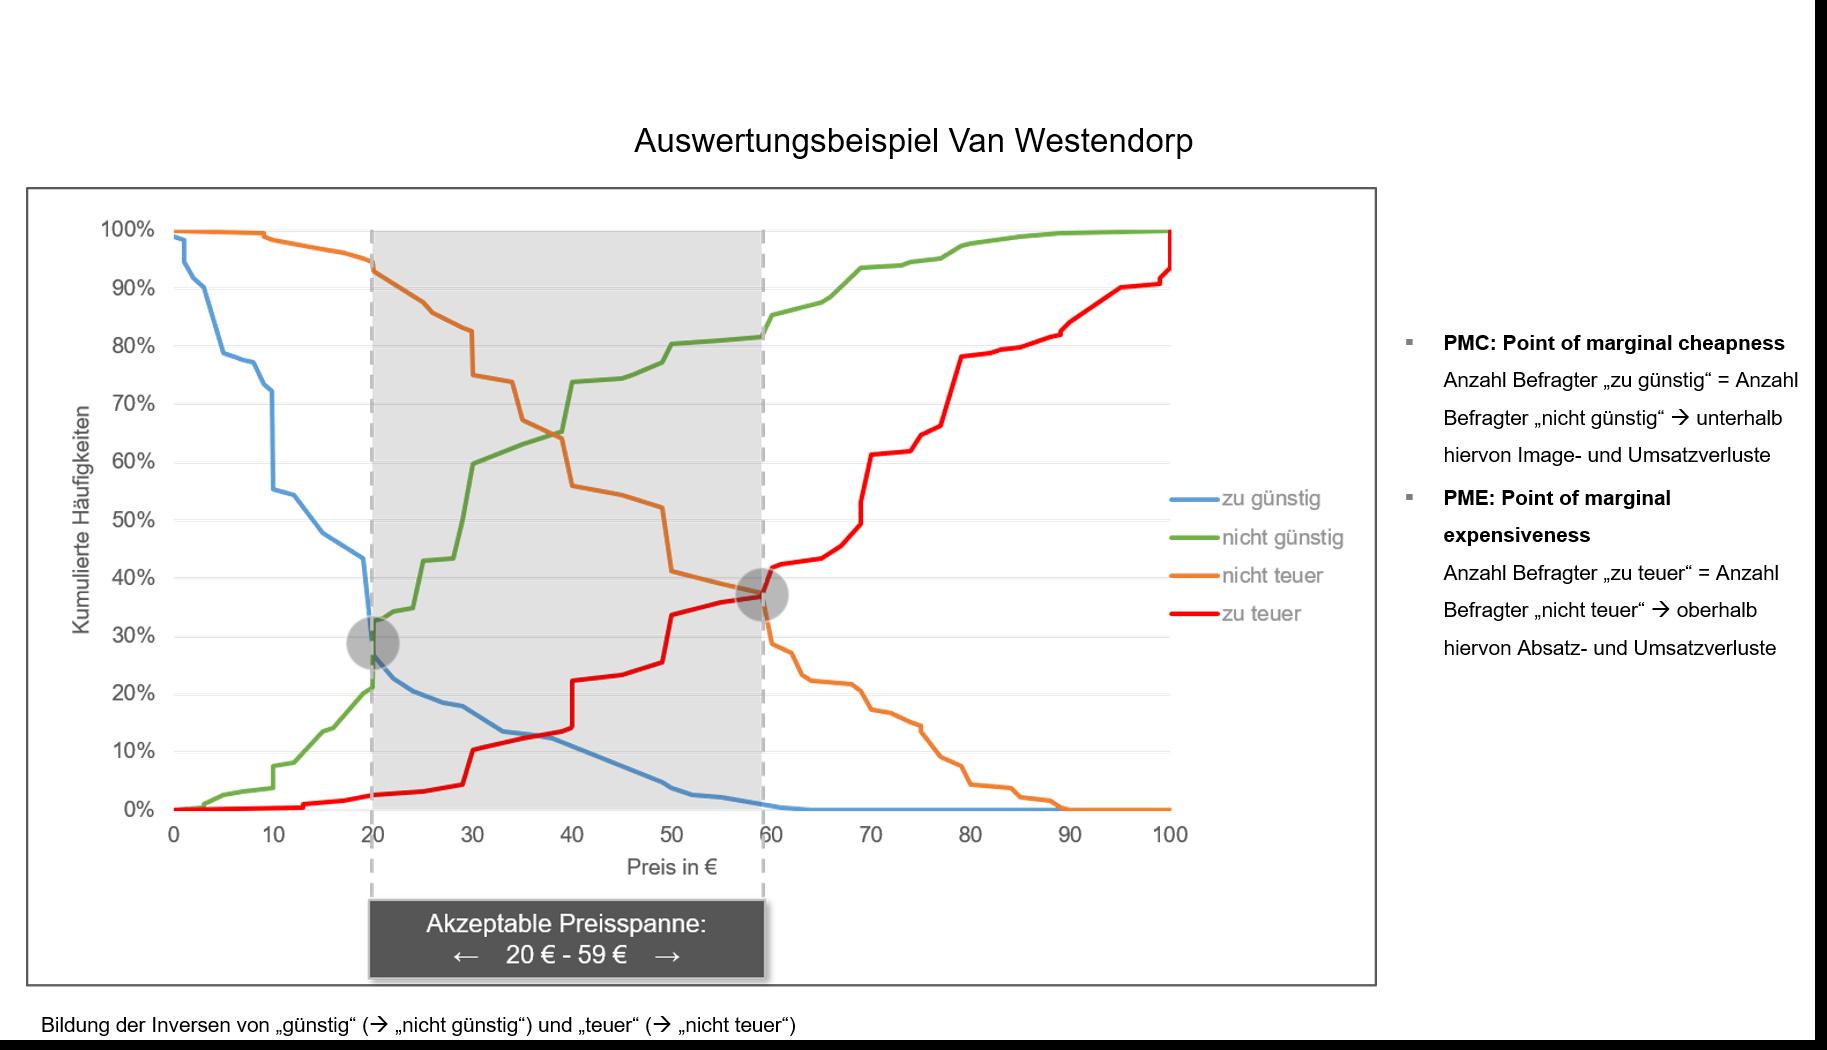 Conjoint Analyse Auswertungsbeispiel Van Westendorp